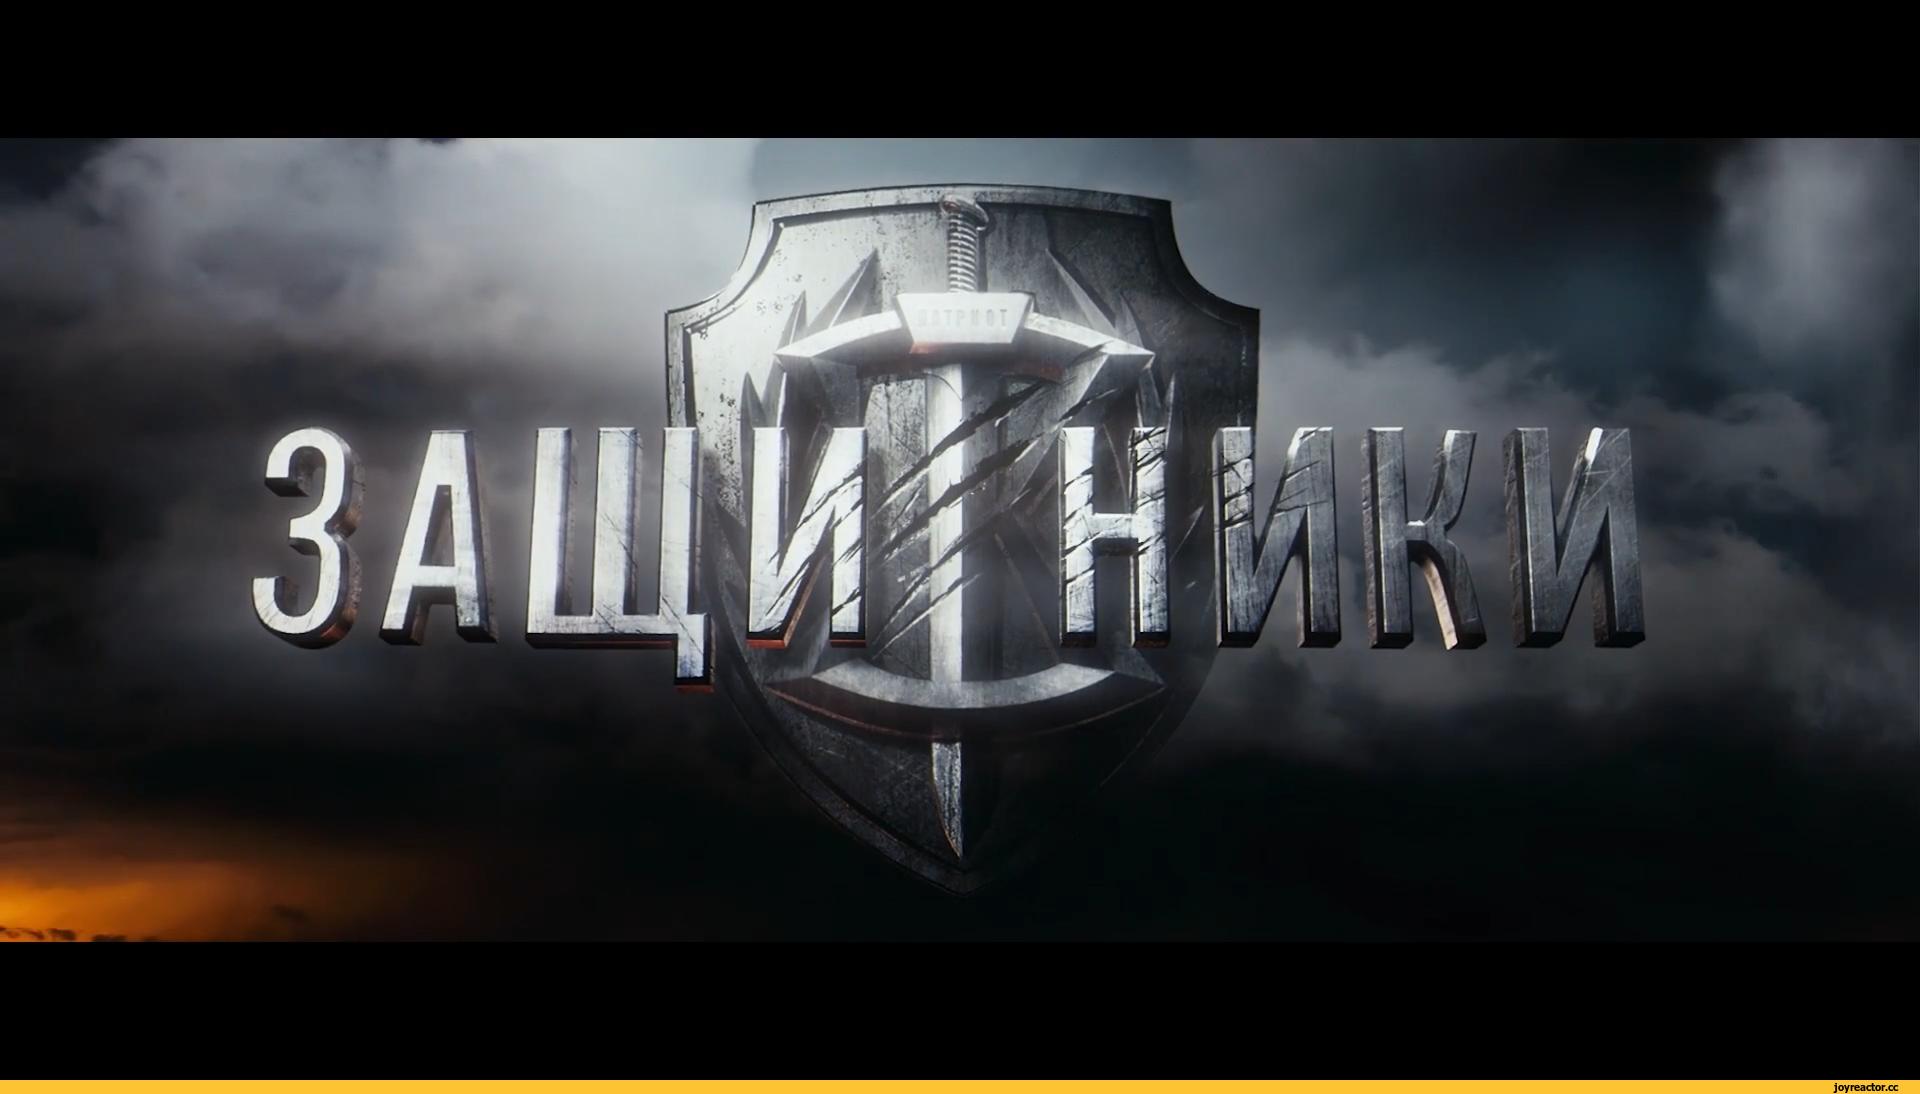 Защитники(Защитници) Този филм ще защити ли филмовата чест на Русия?